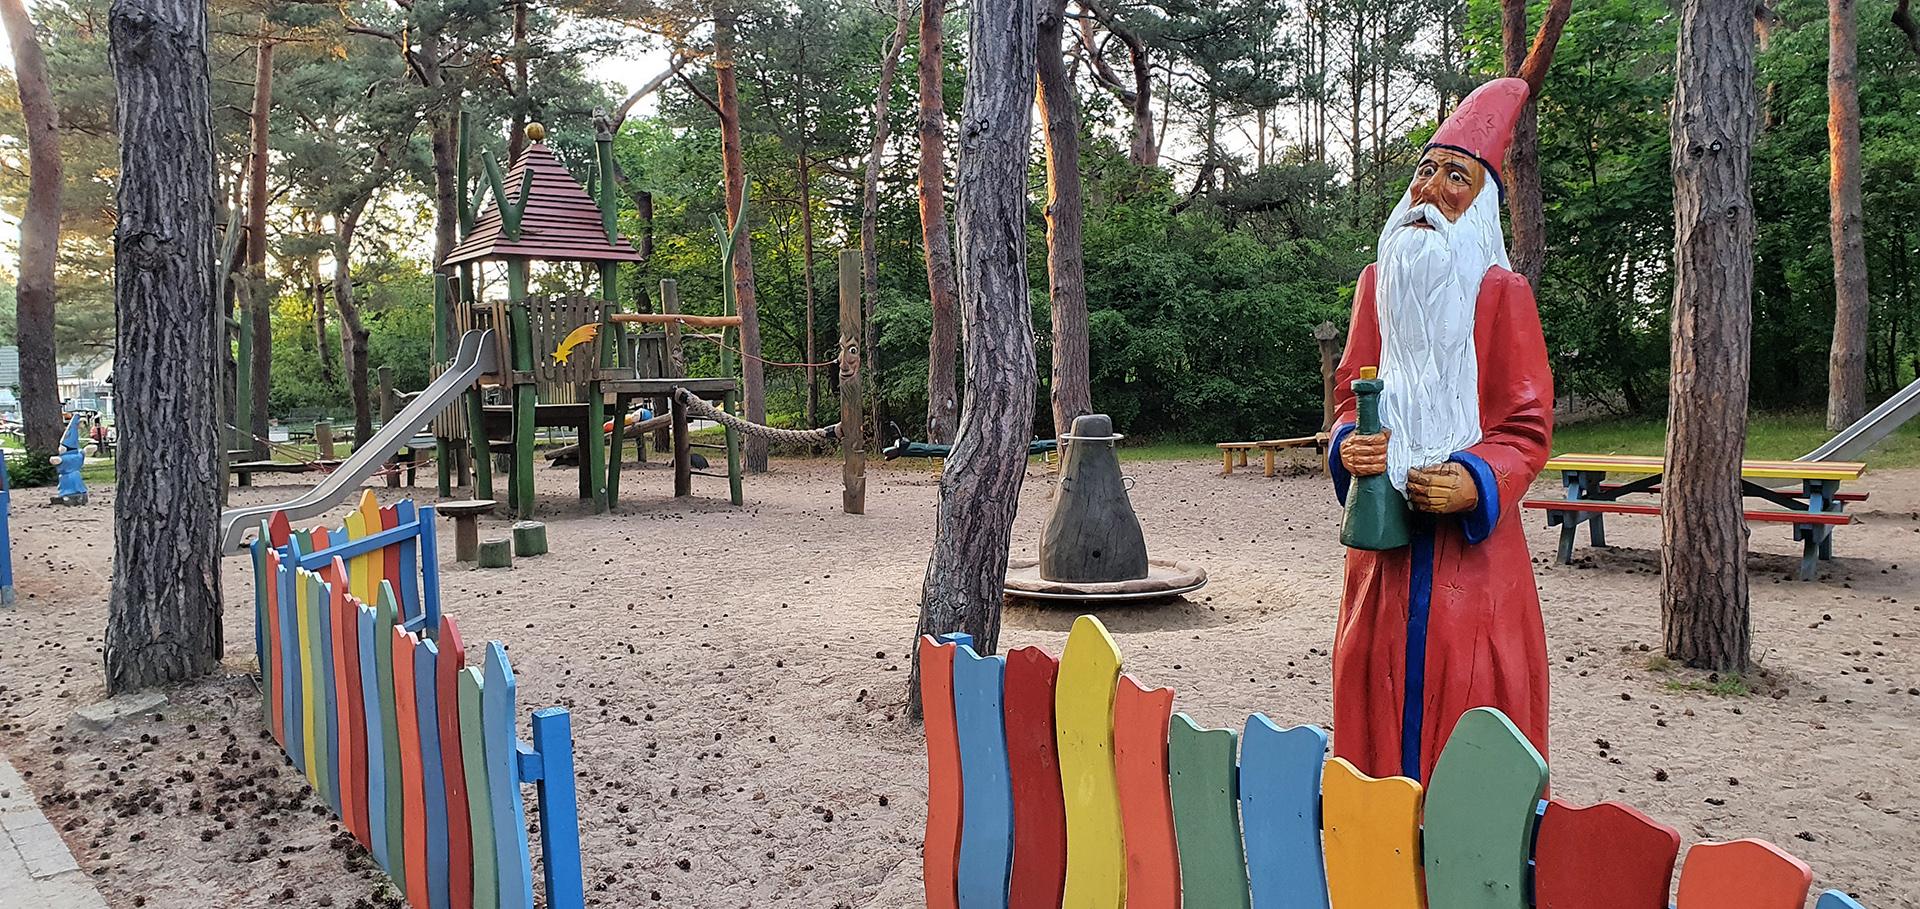 Karlchens Zauberwald an der Strandpromenade in Karlshagen